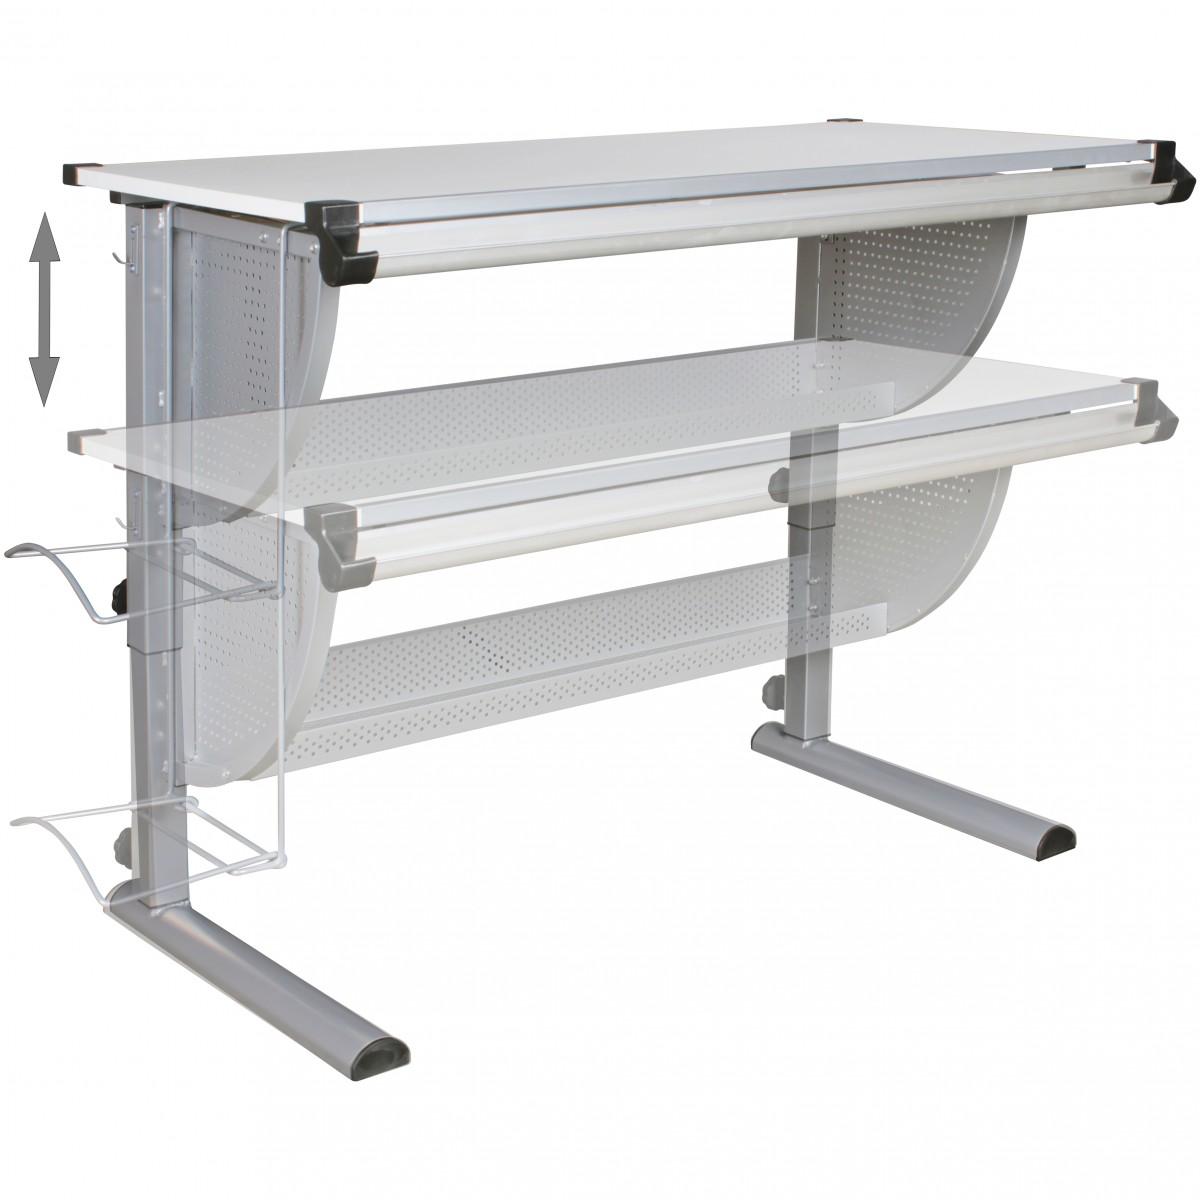 Kinderschreibtisch design  FineBuy Design Kinderschreibtisch MICHI Holz 120 x 60 cm grau / weiß ...